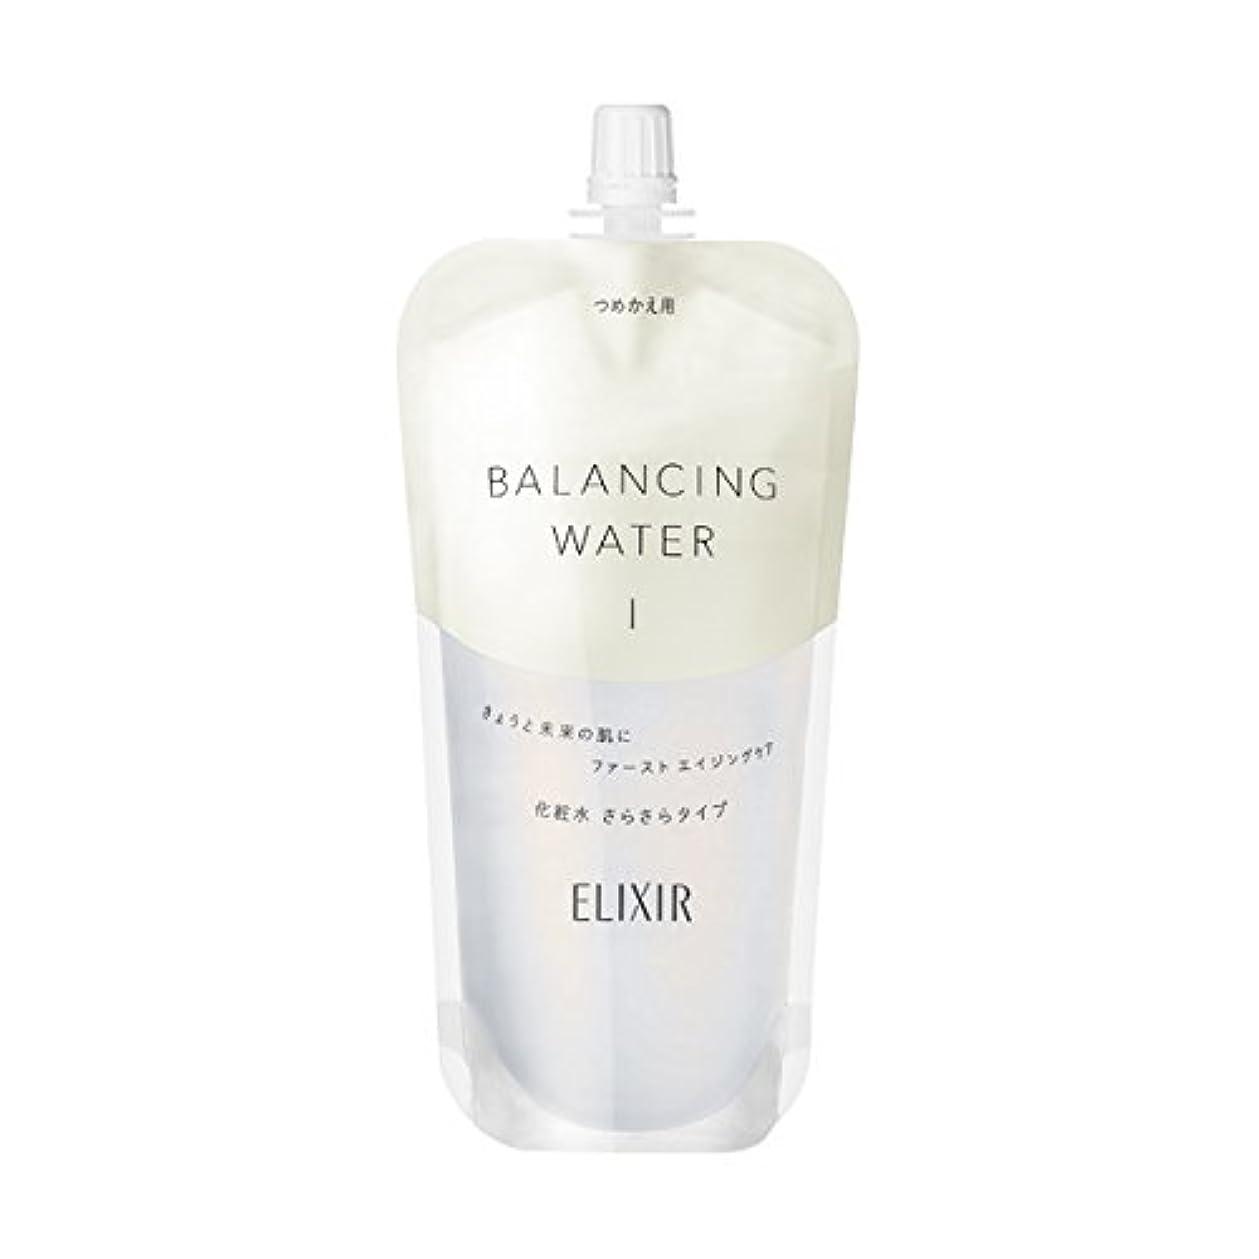 事前にのため銀エリクシール ルフレ バランシング ウォーター 化粧水 1 (さらさらタイプ) (つめかえ用) 150mL